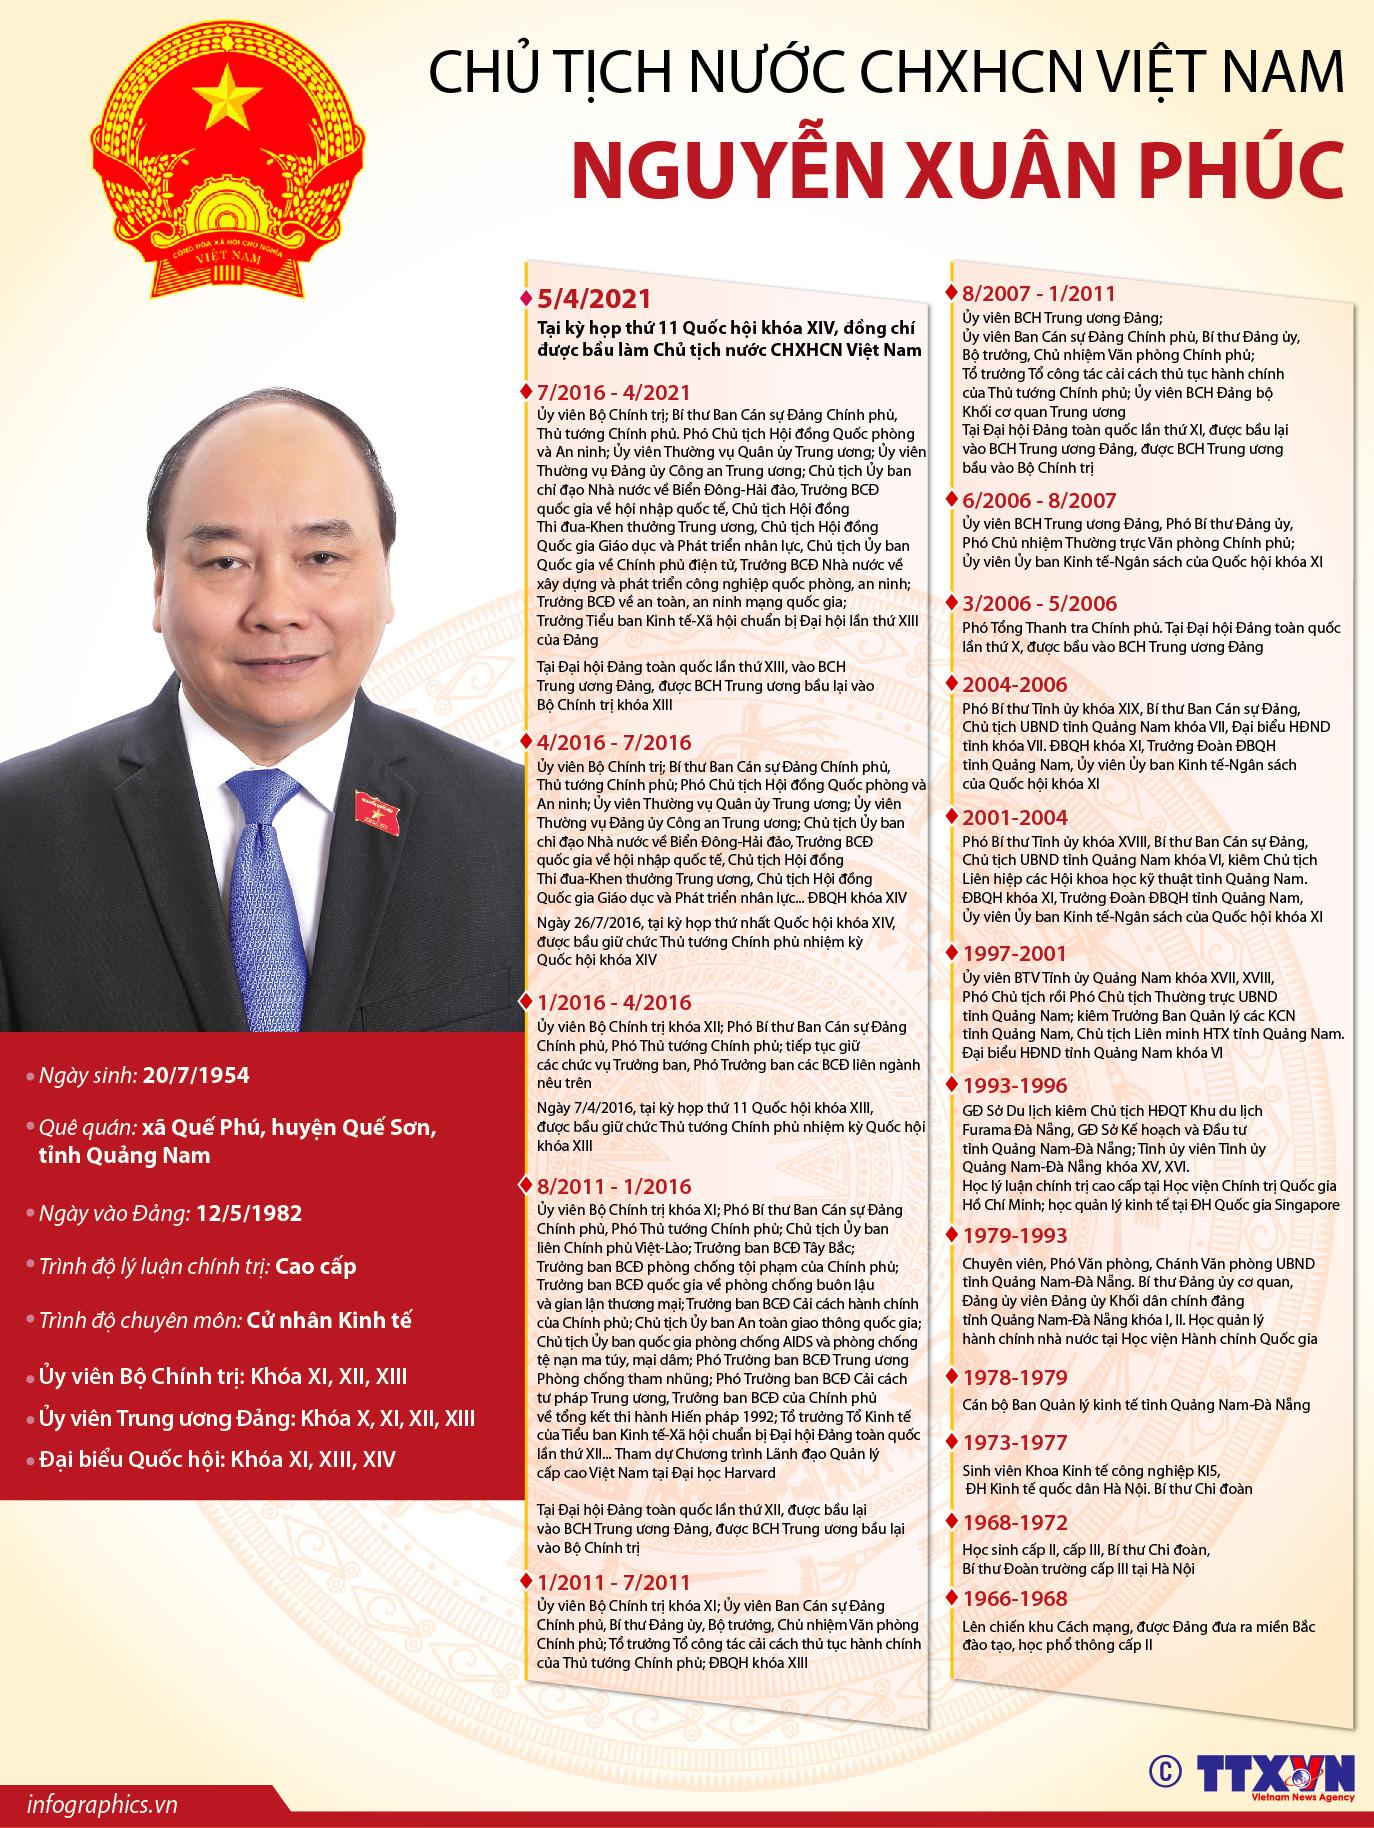 Tóm tắt quá trình công tác của tân Chủ tịch nước CHXHCN Việt Nam Nguyễn Xuân Phúc